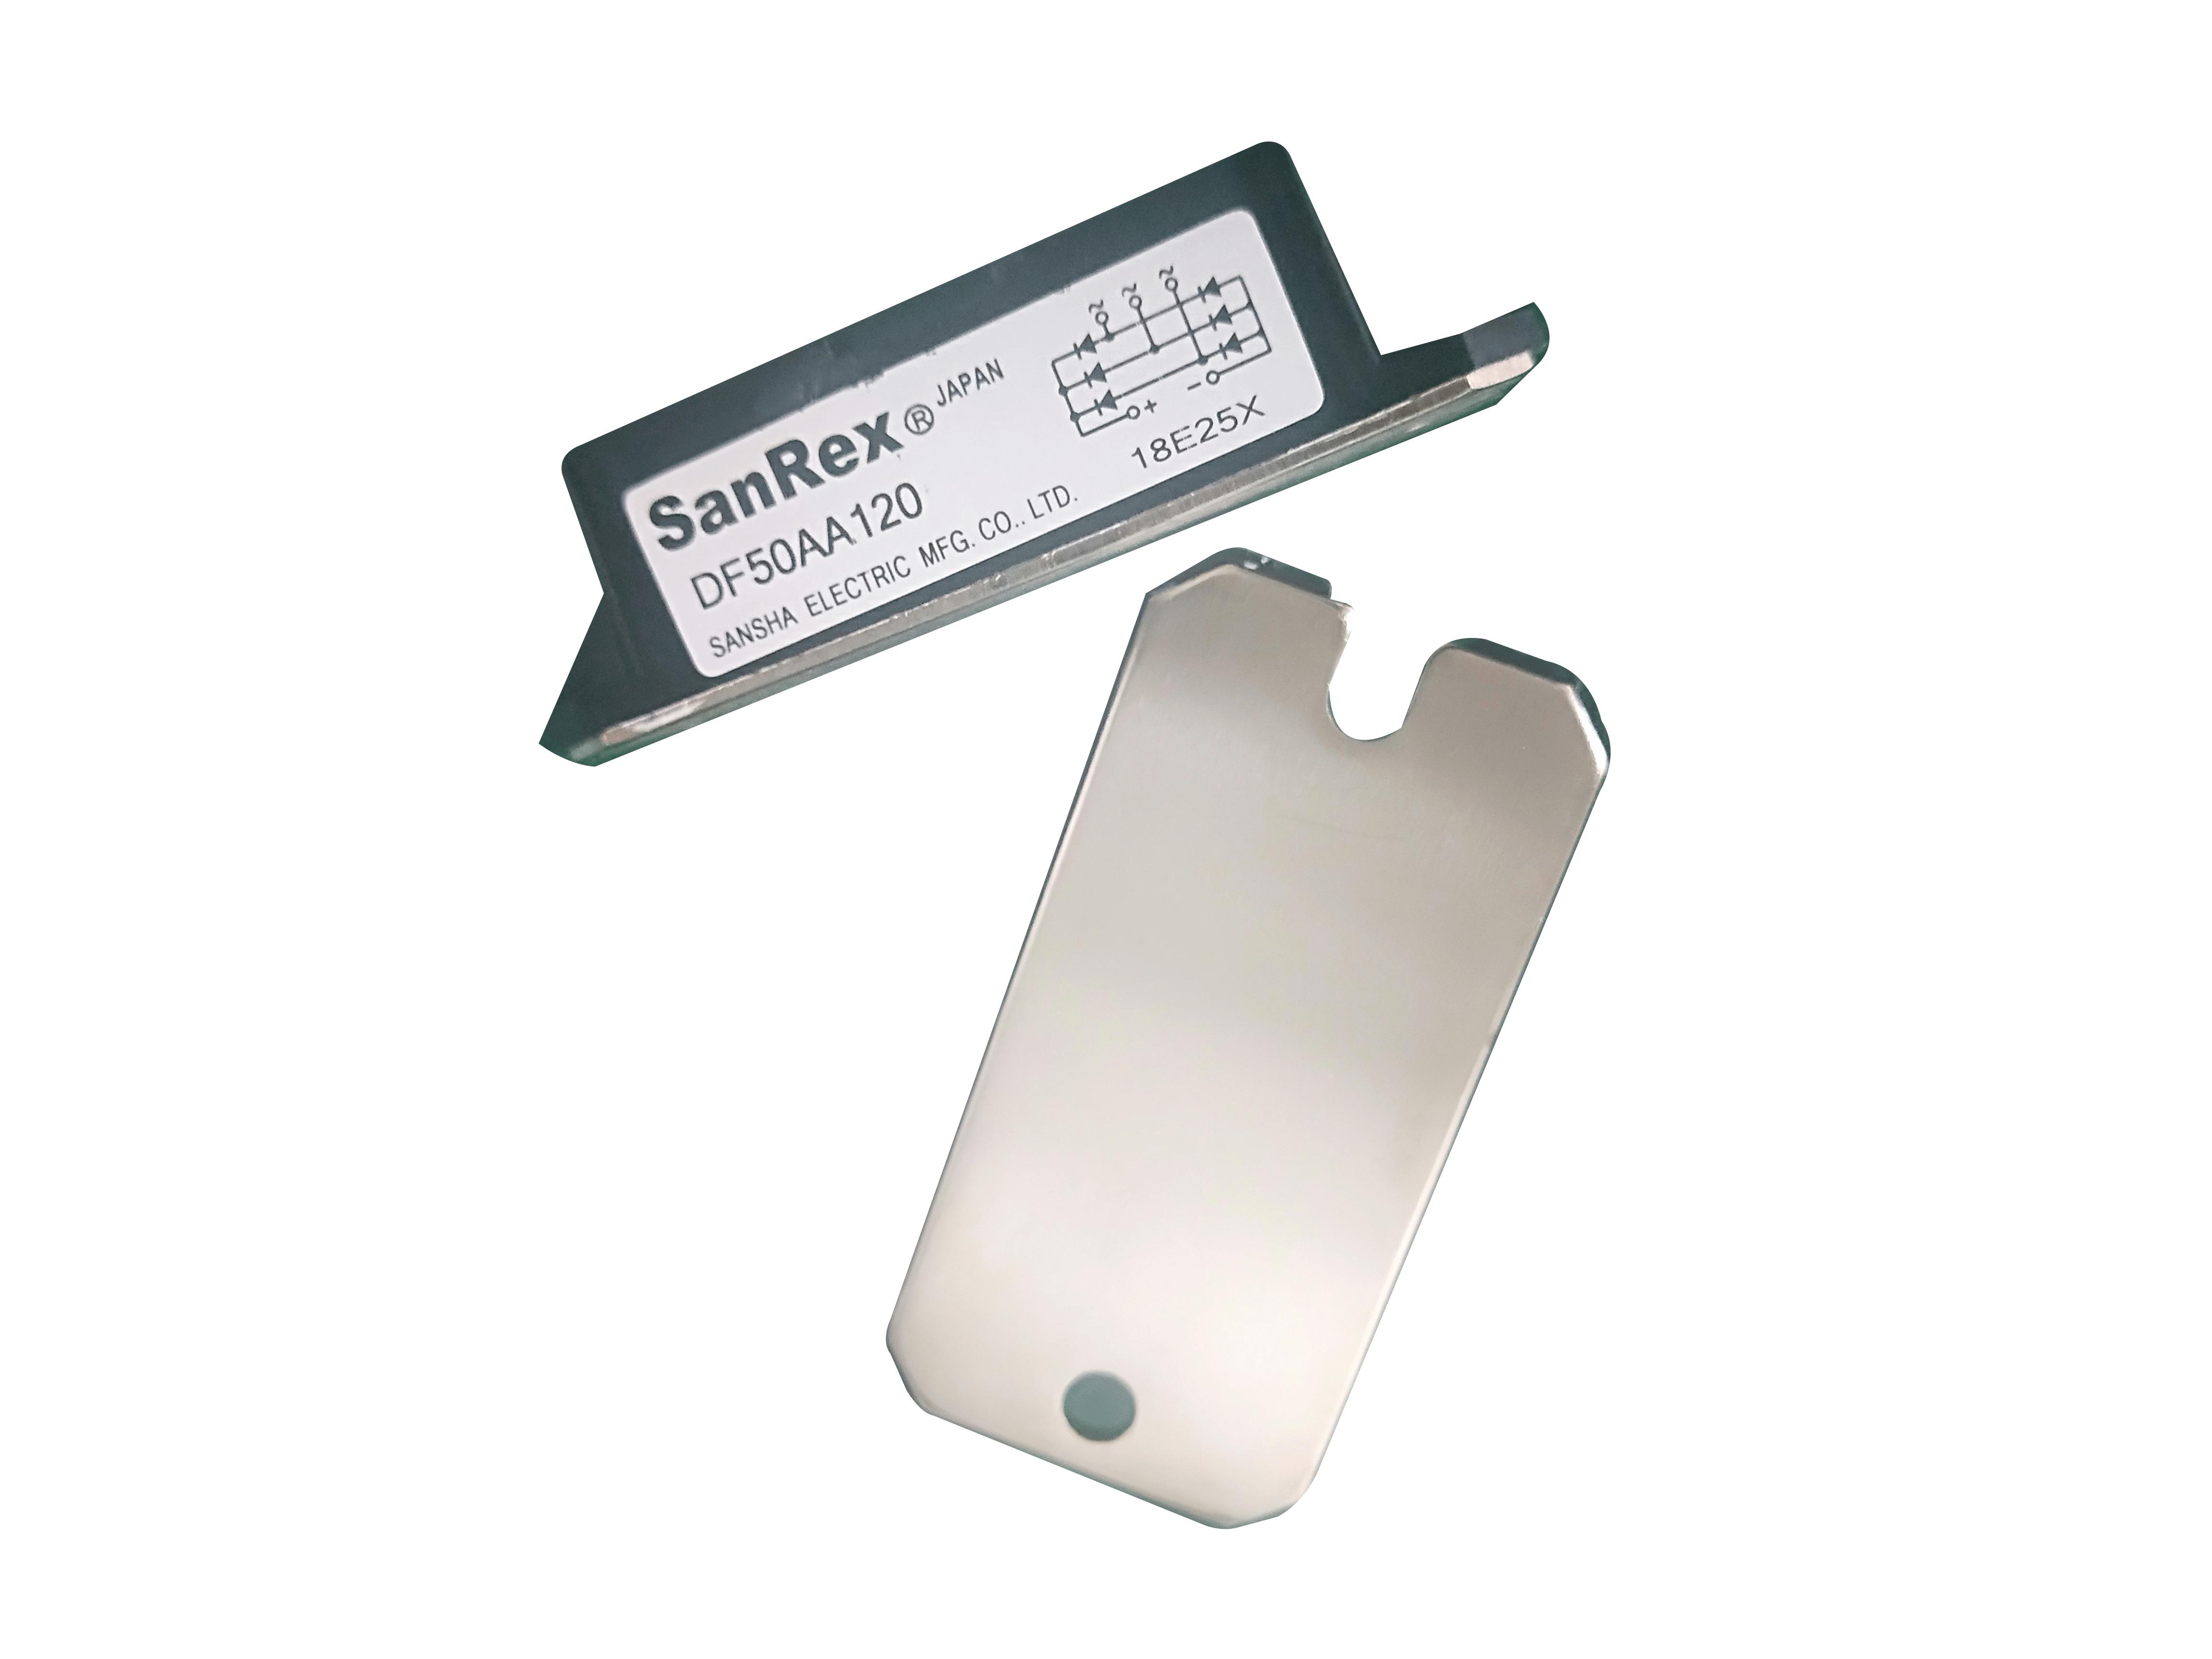 三社整流桥模块 DF50AA120 可控硅模块 全新原装现货 直销